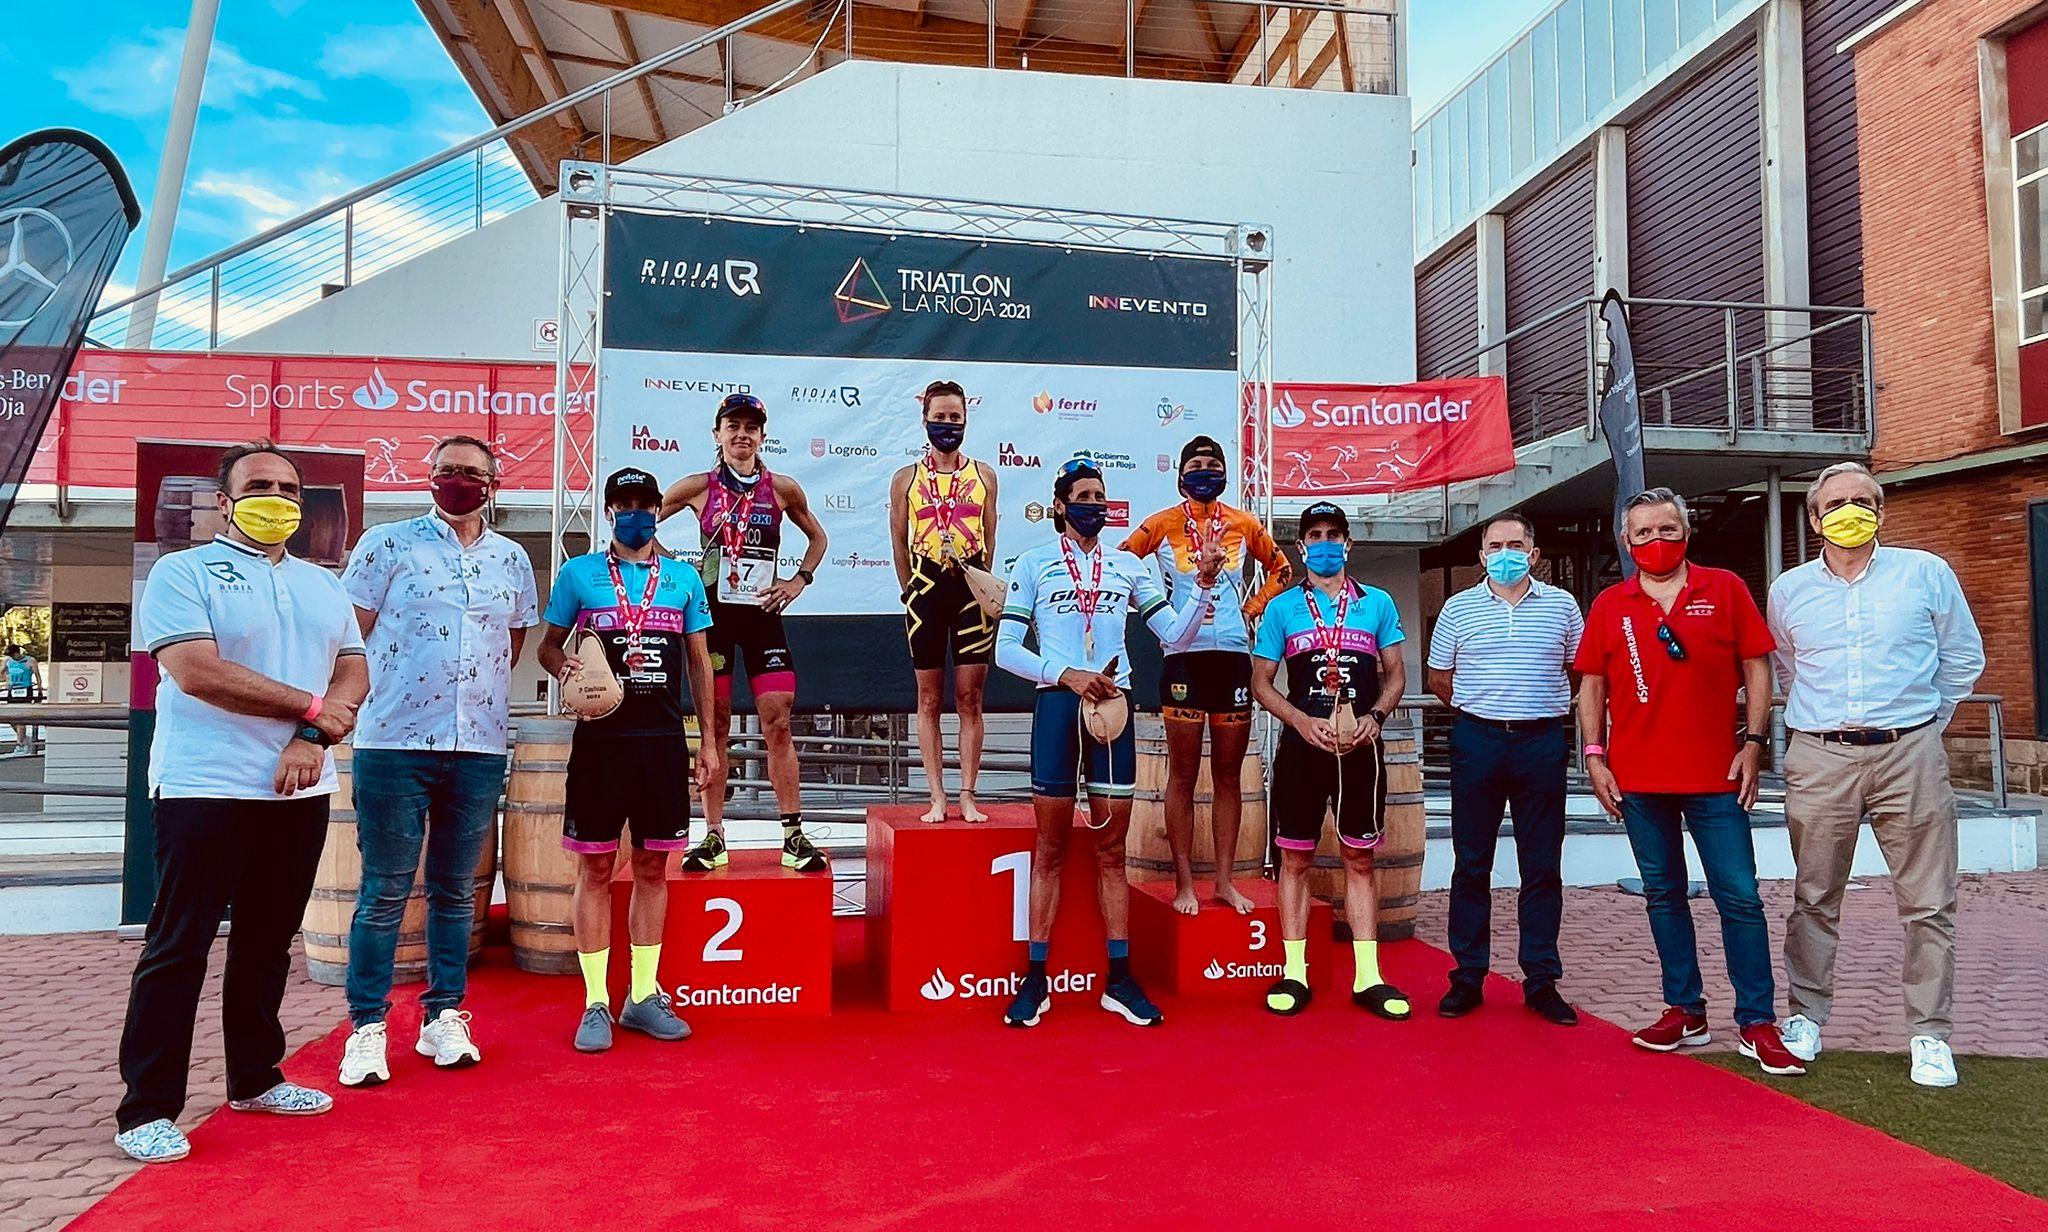 Eva Ledesma y Gustavo Rodríguez ganan en el Triatlón de La Rioja, tercera cita de la Copa de España de Triatlón MD y LD